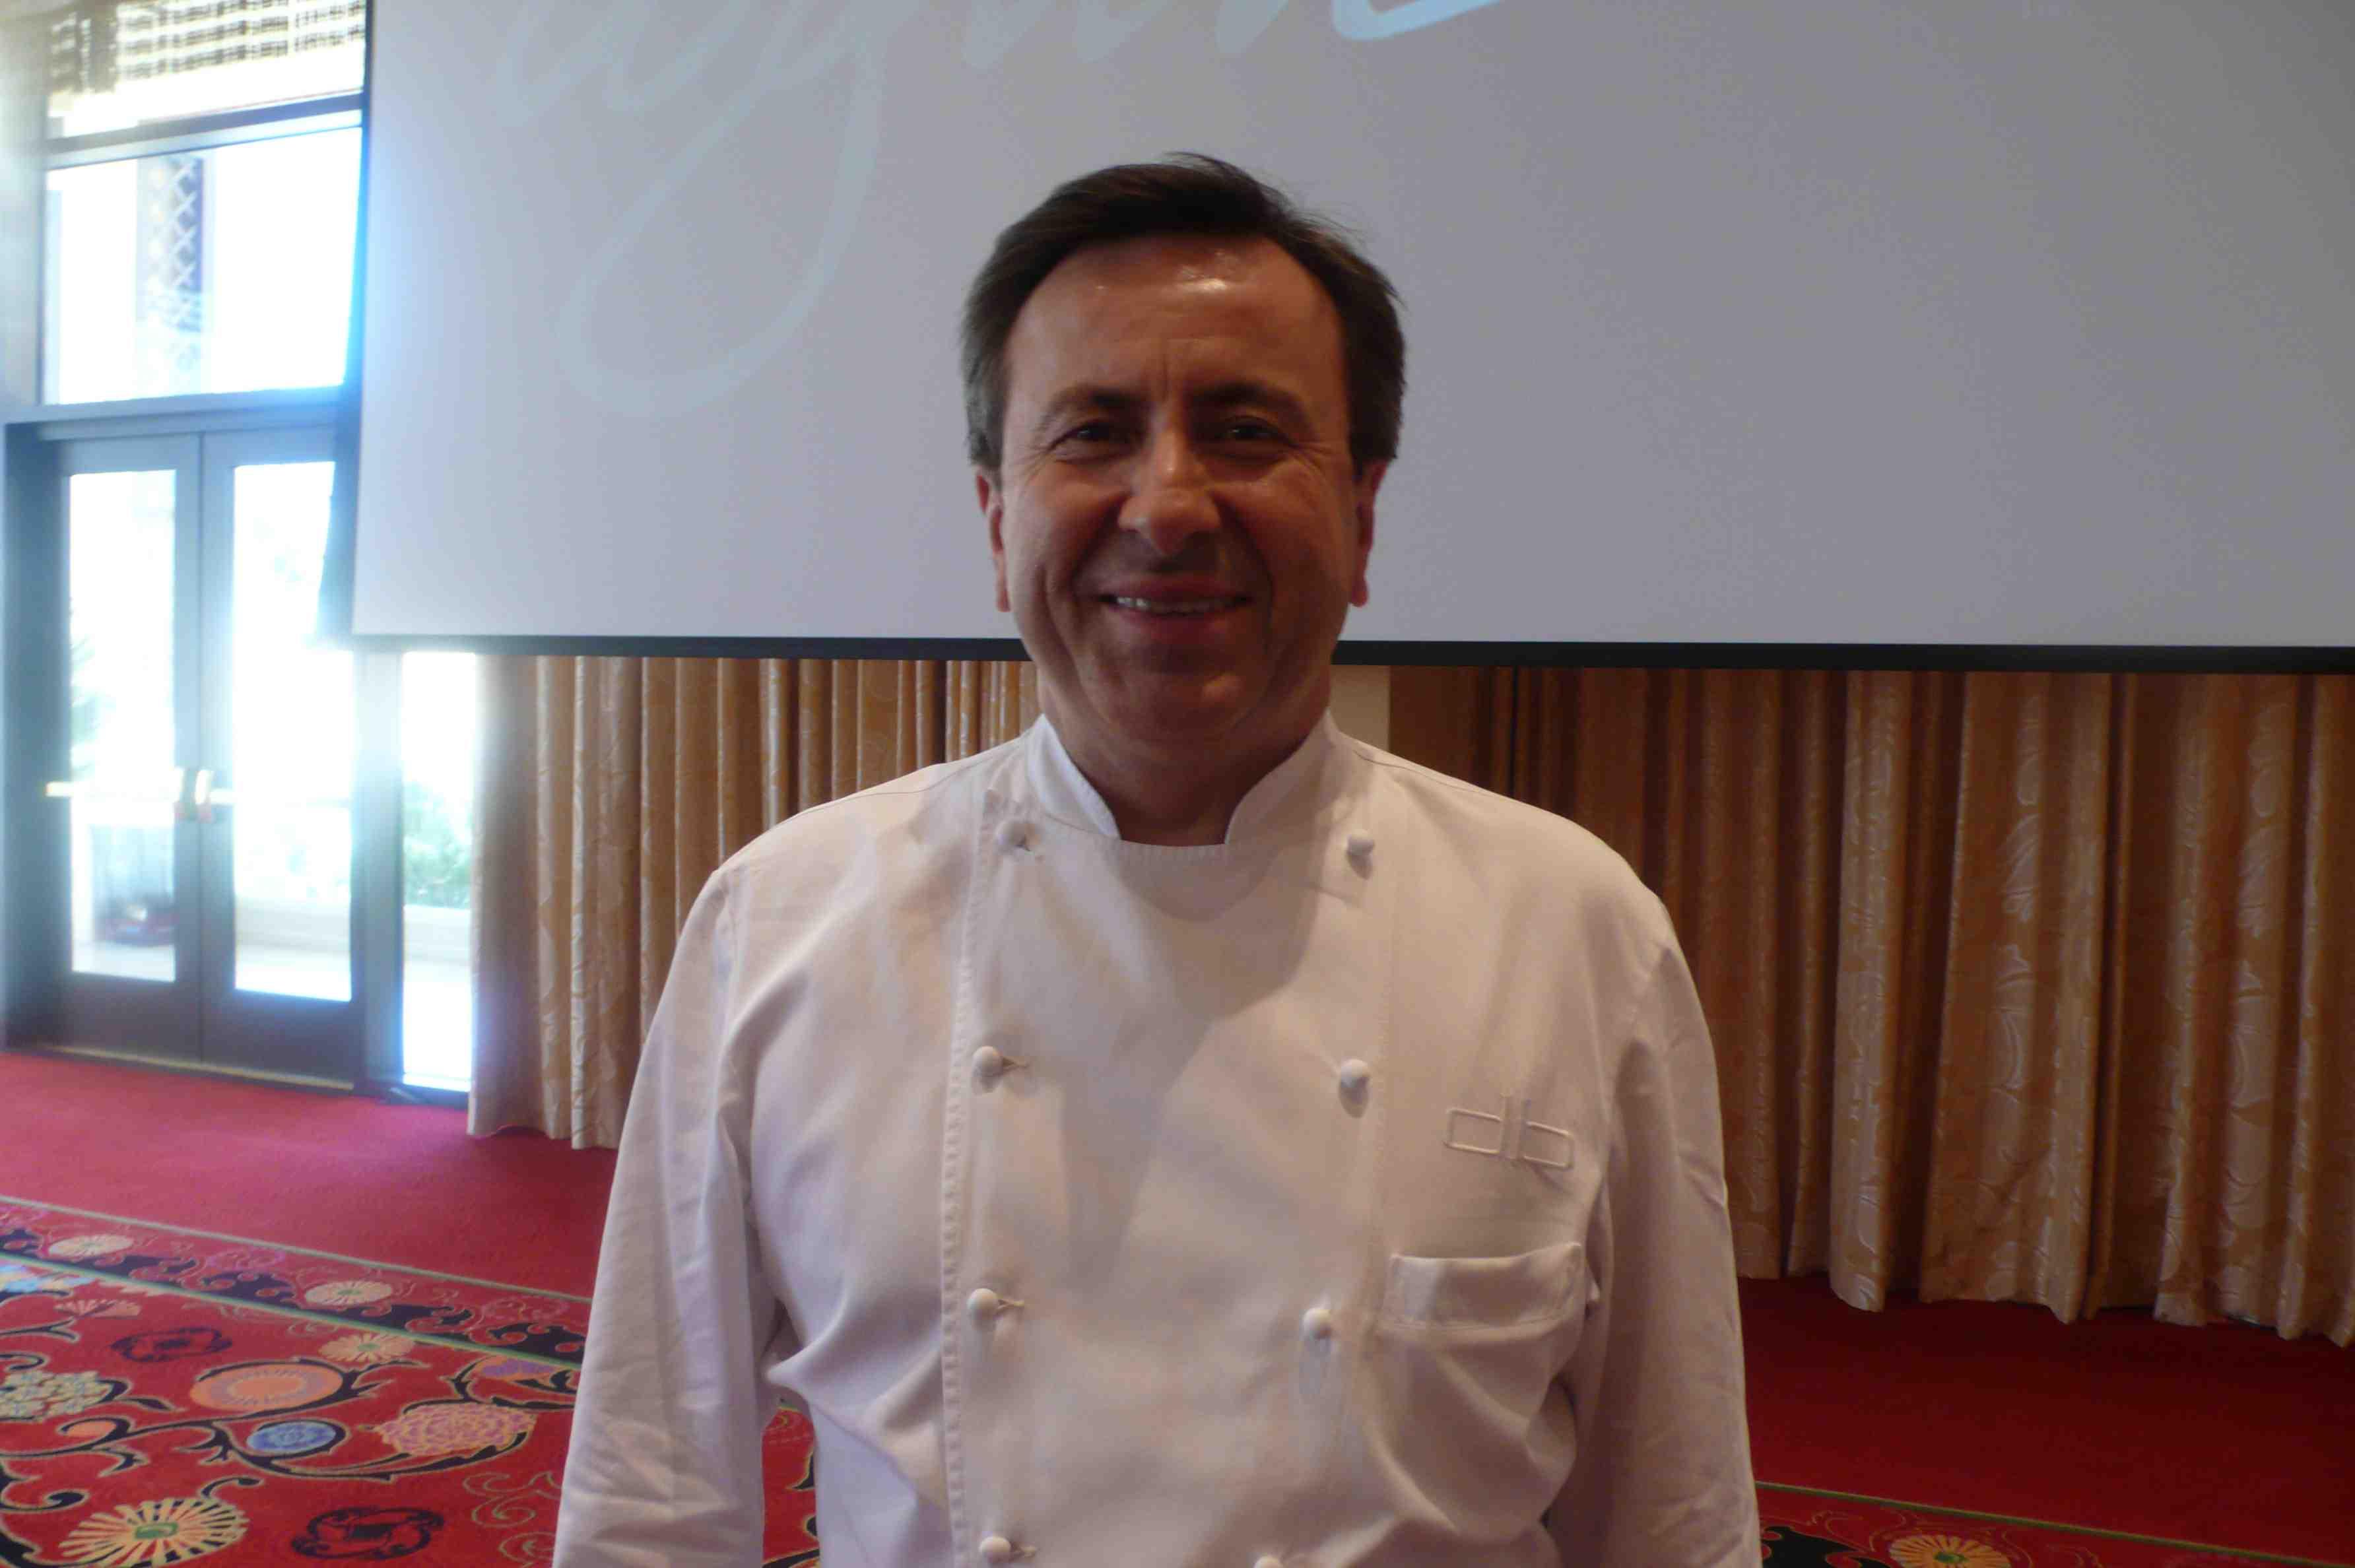 Chef Daniel Boulud